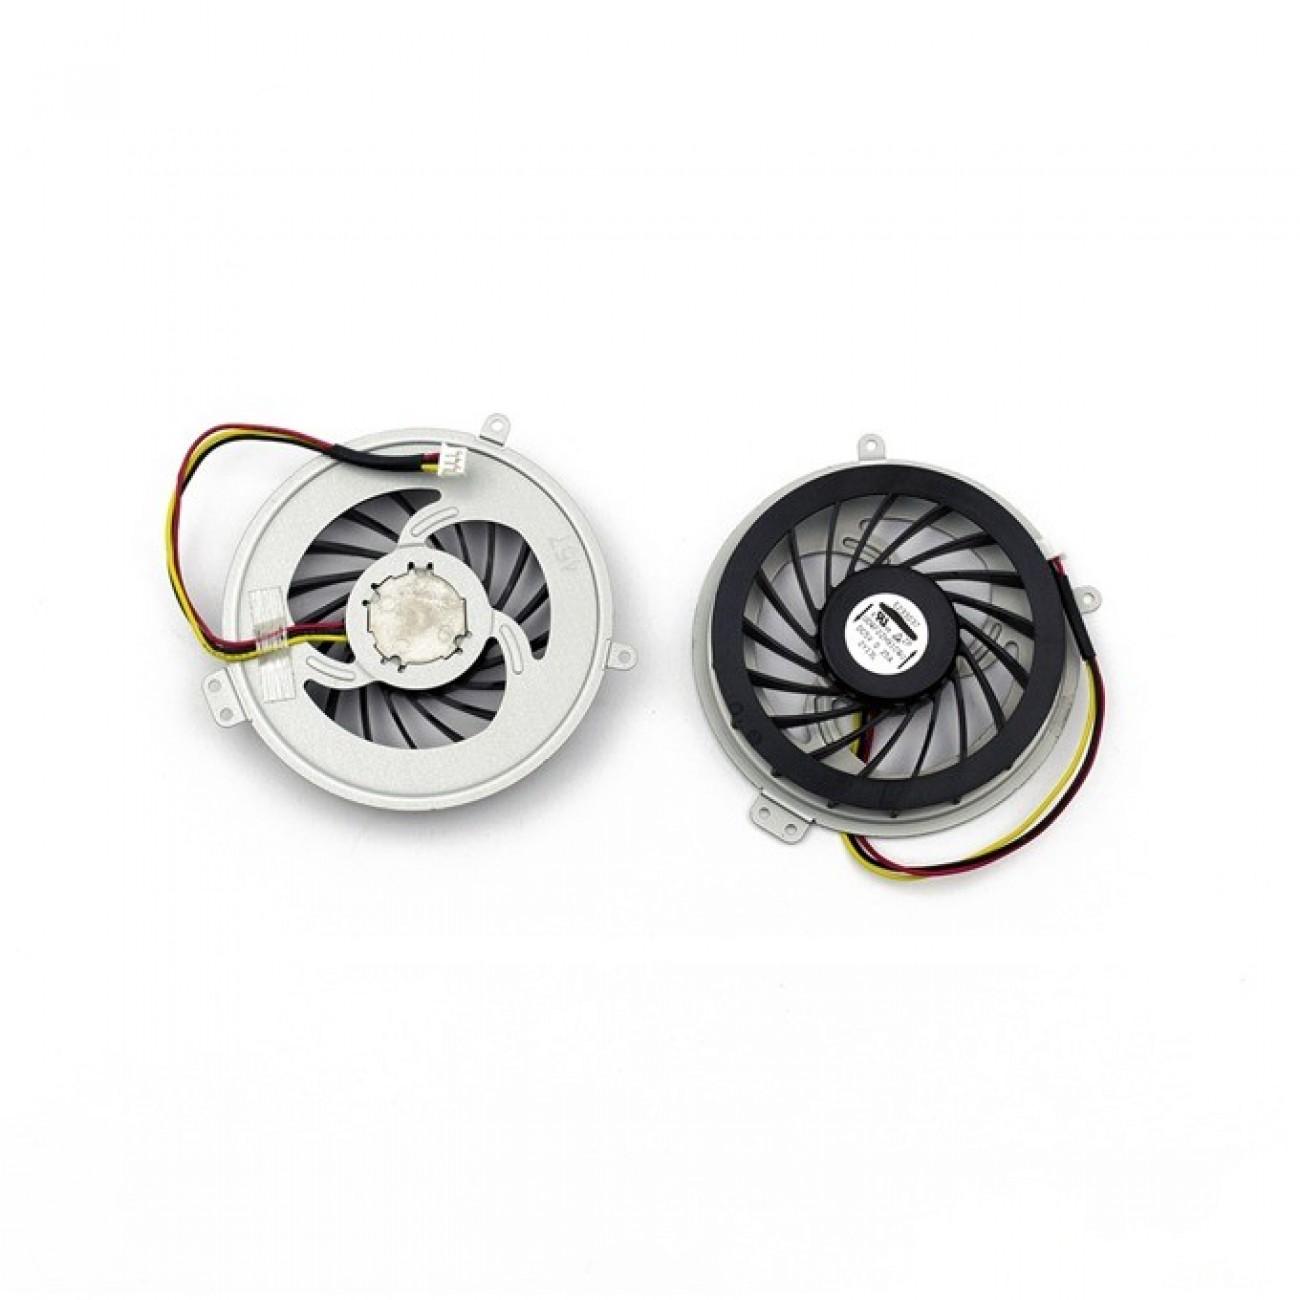 Вентилатор за лаптоп SONY VAIO SVE14 SVE15 в Резервни части -  | Alleop